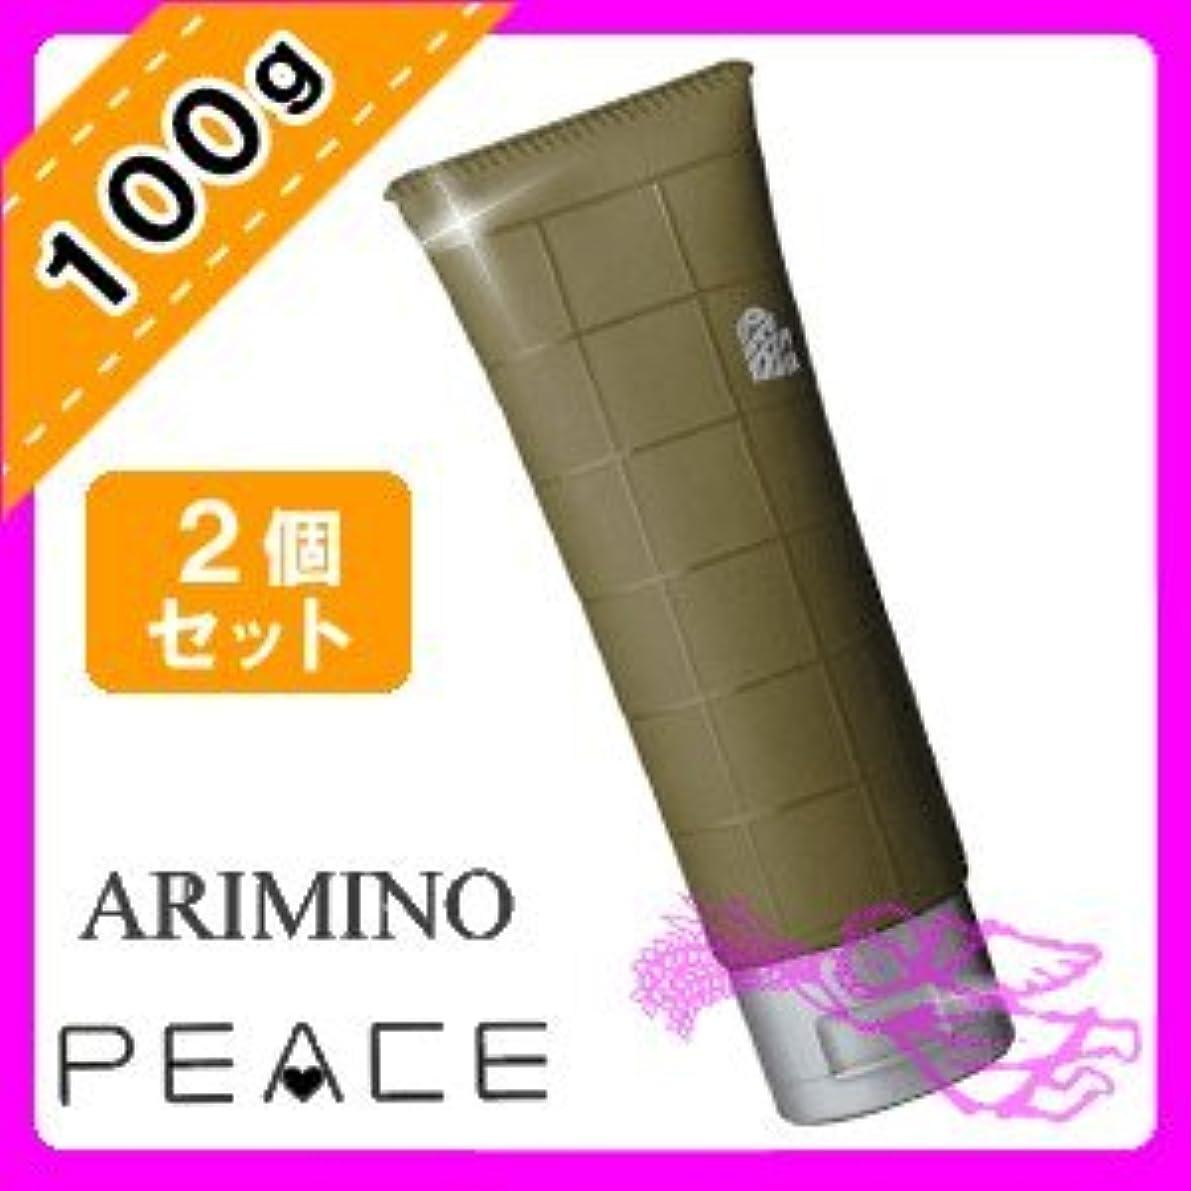 地味な水っぽいつづりアリミノ ピース ウェットオイル ワックス 100g ×2個セット arimino PEACE